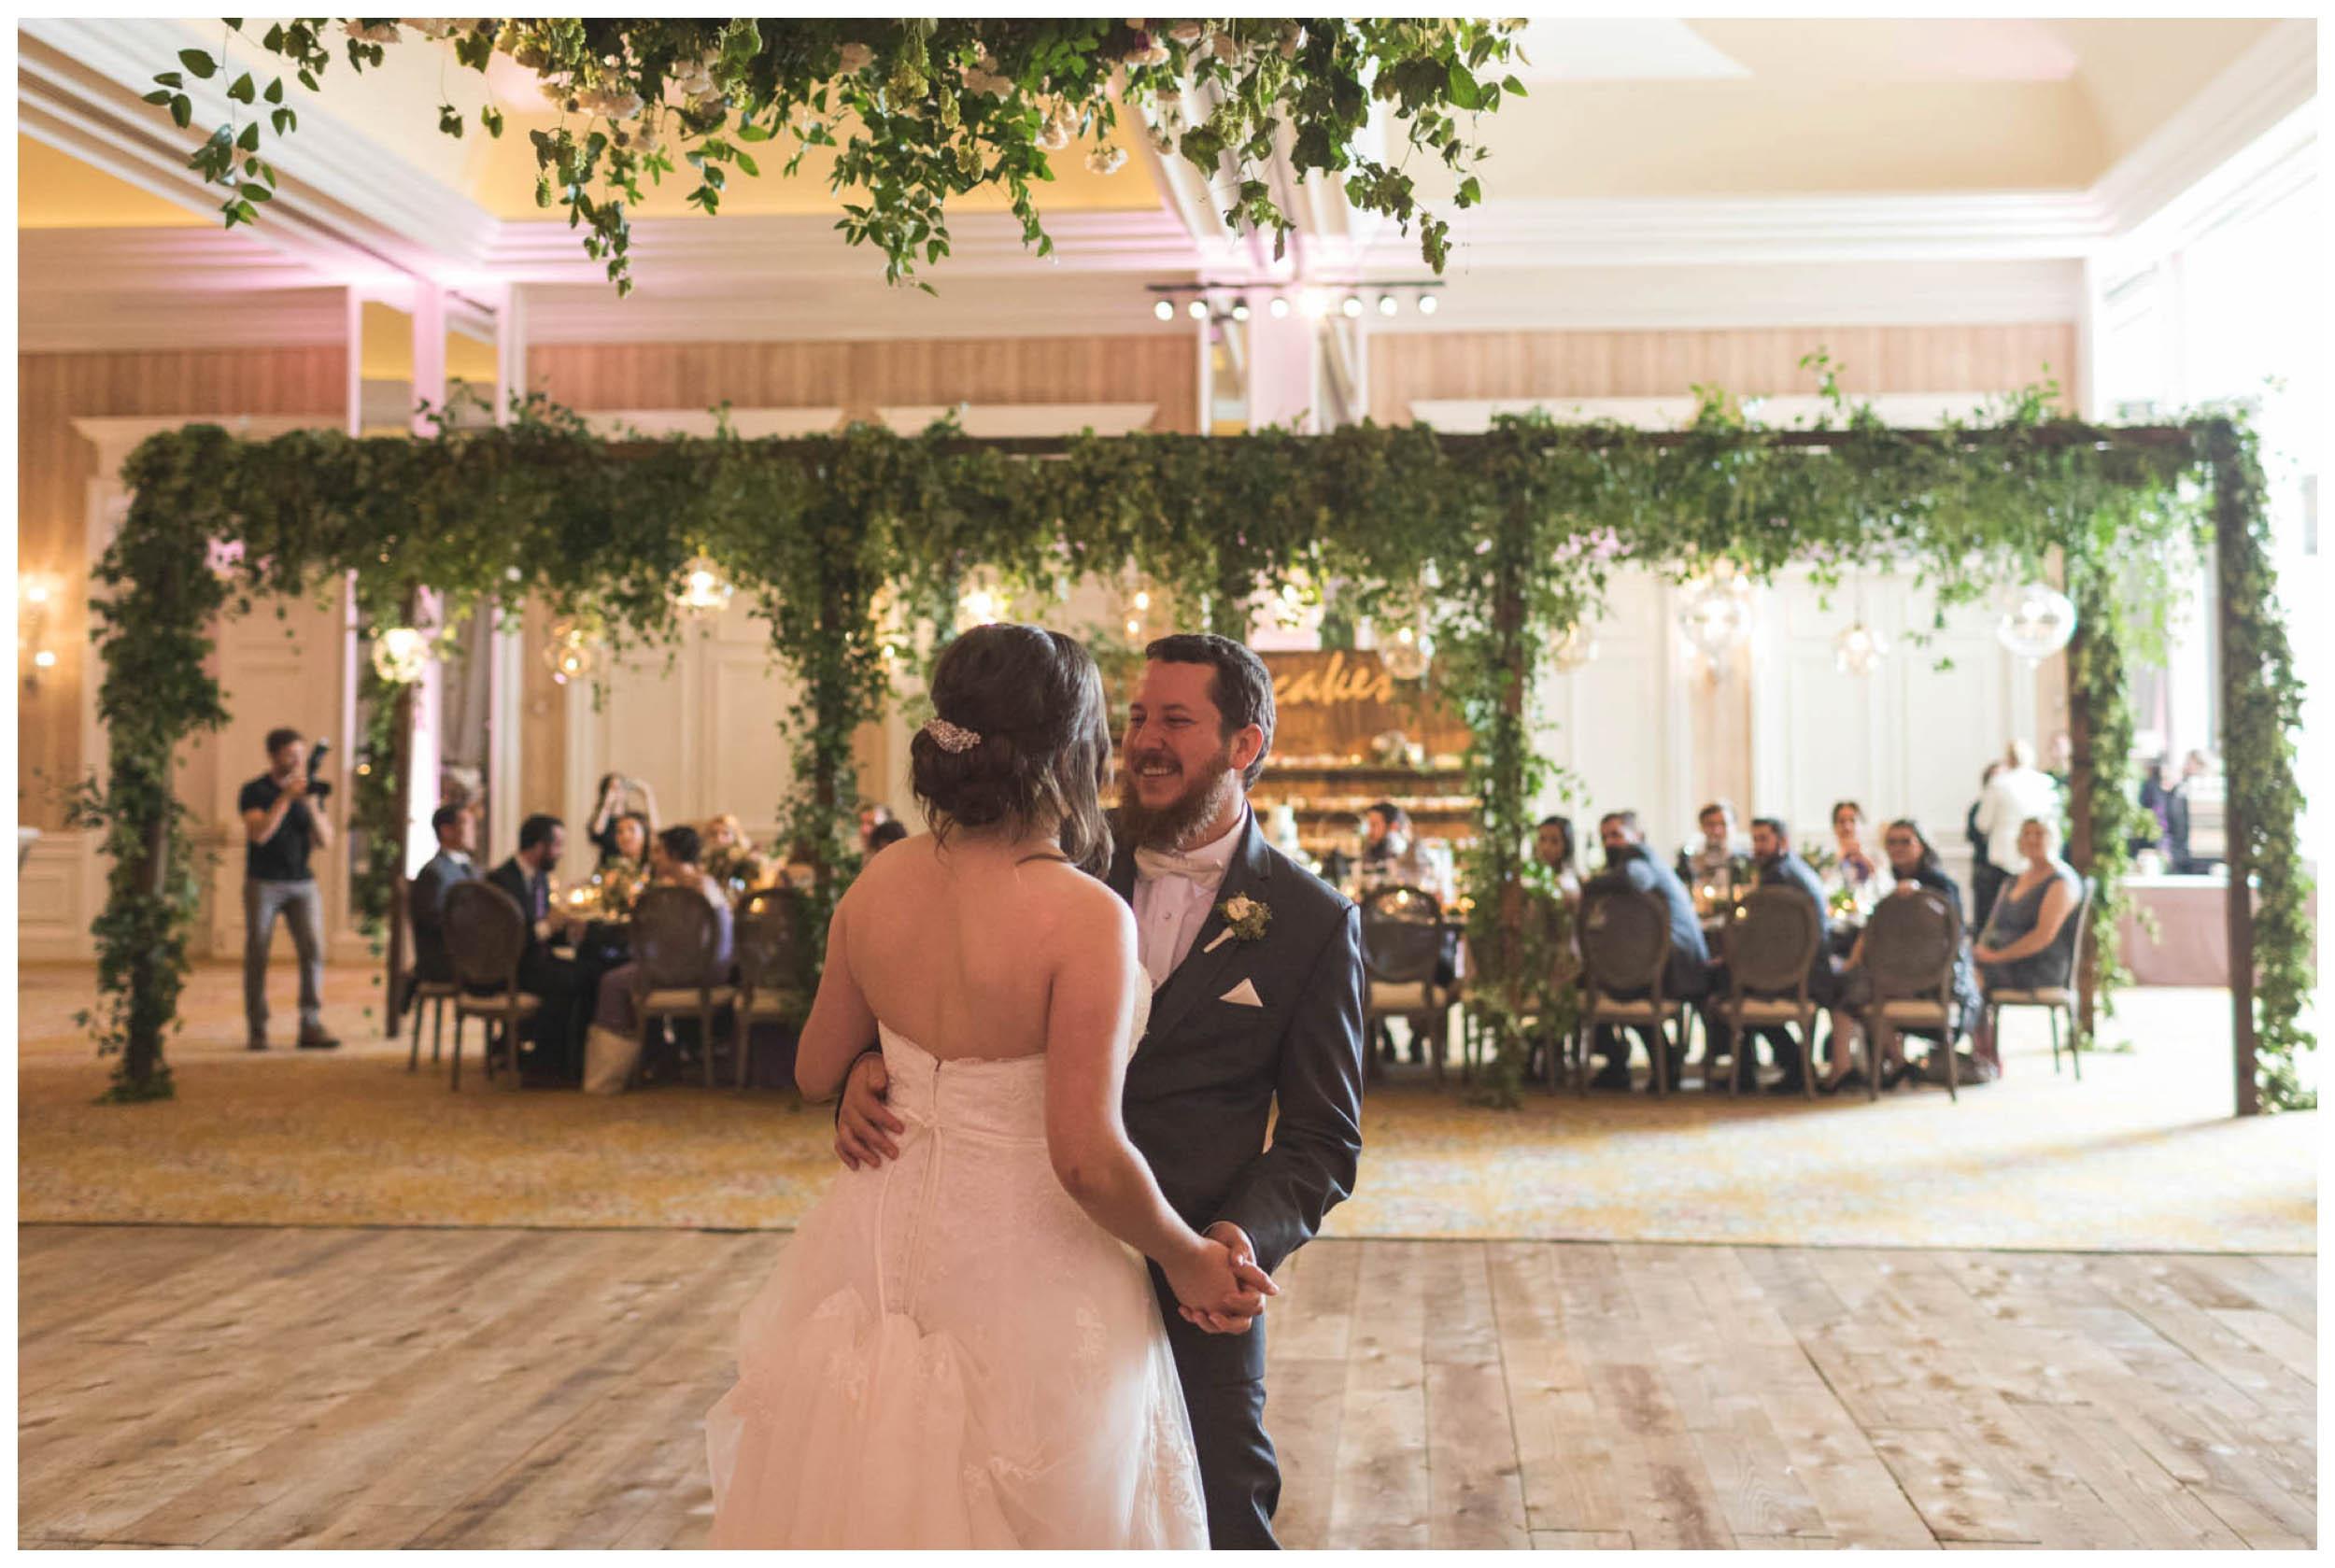 shewanders.wedding.photography.san.diego.rustic._1750.jpg